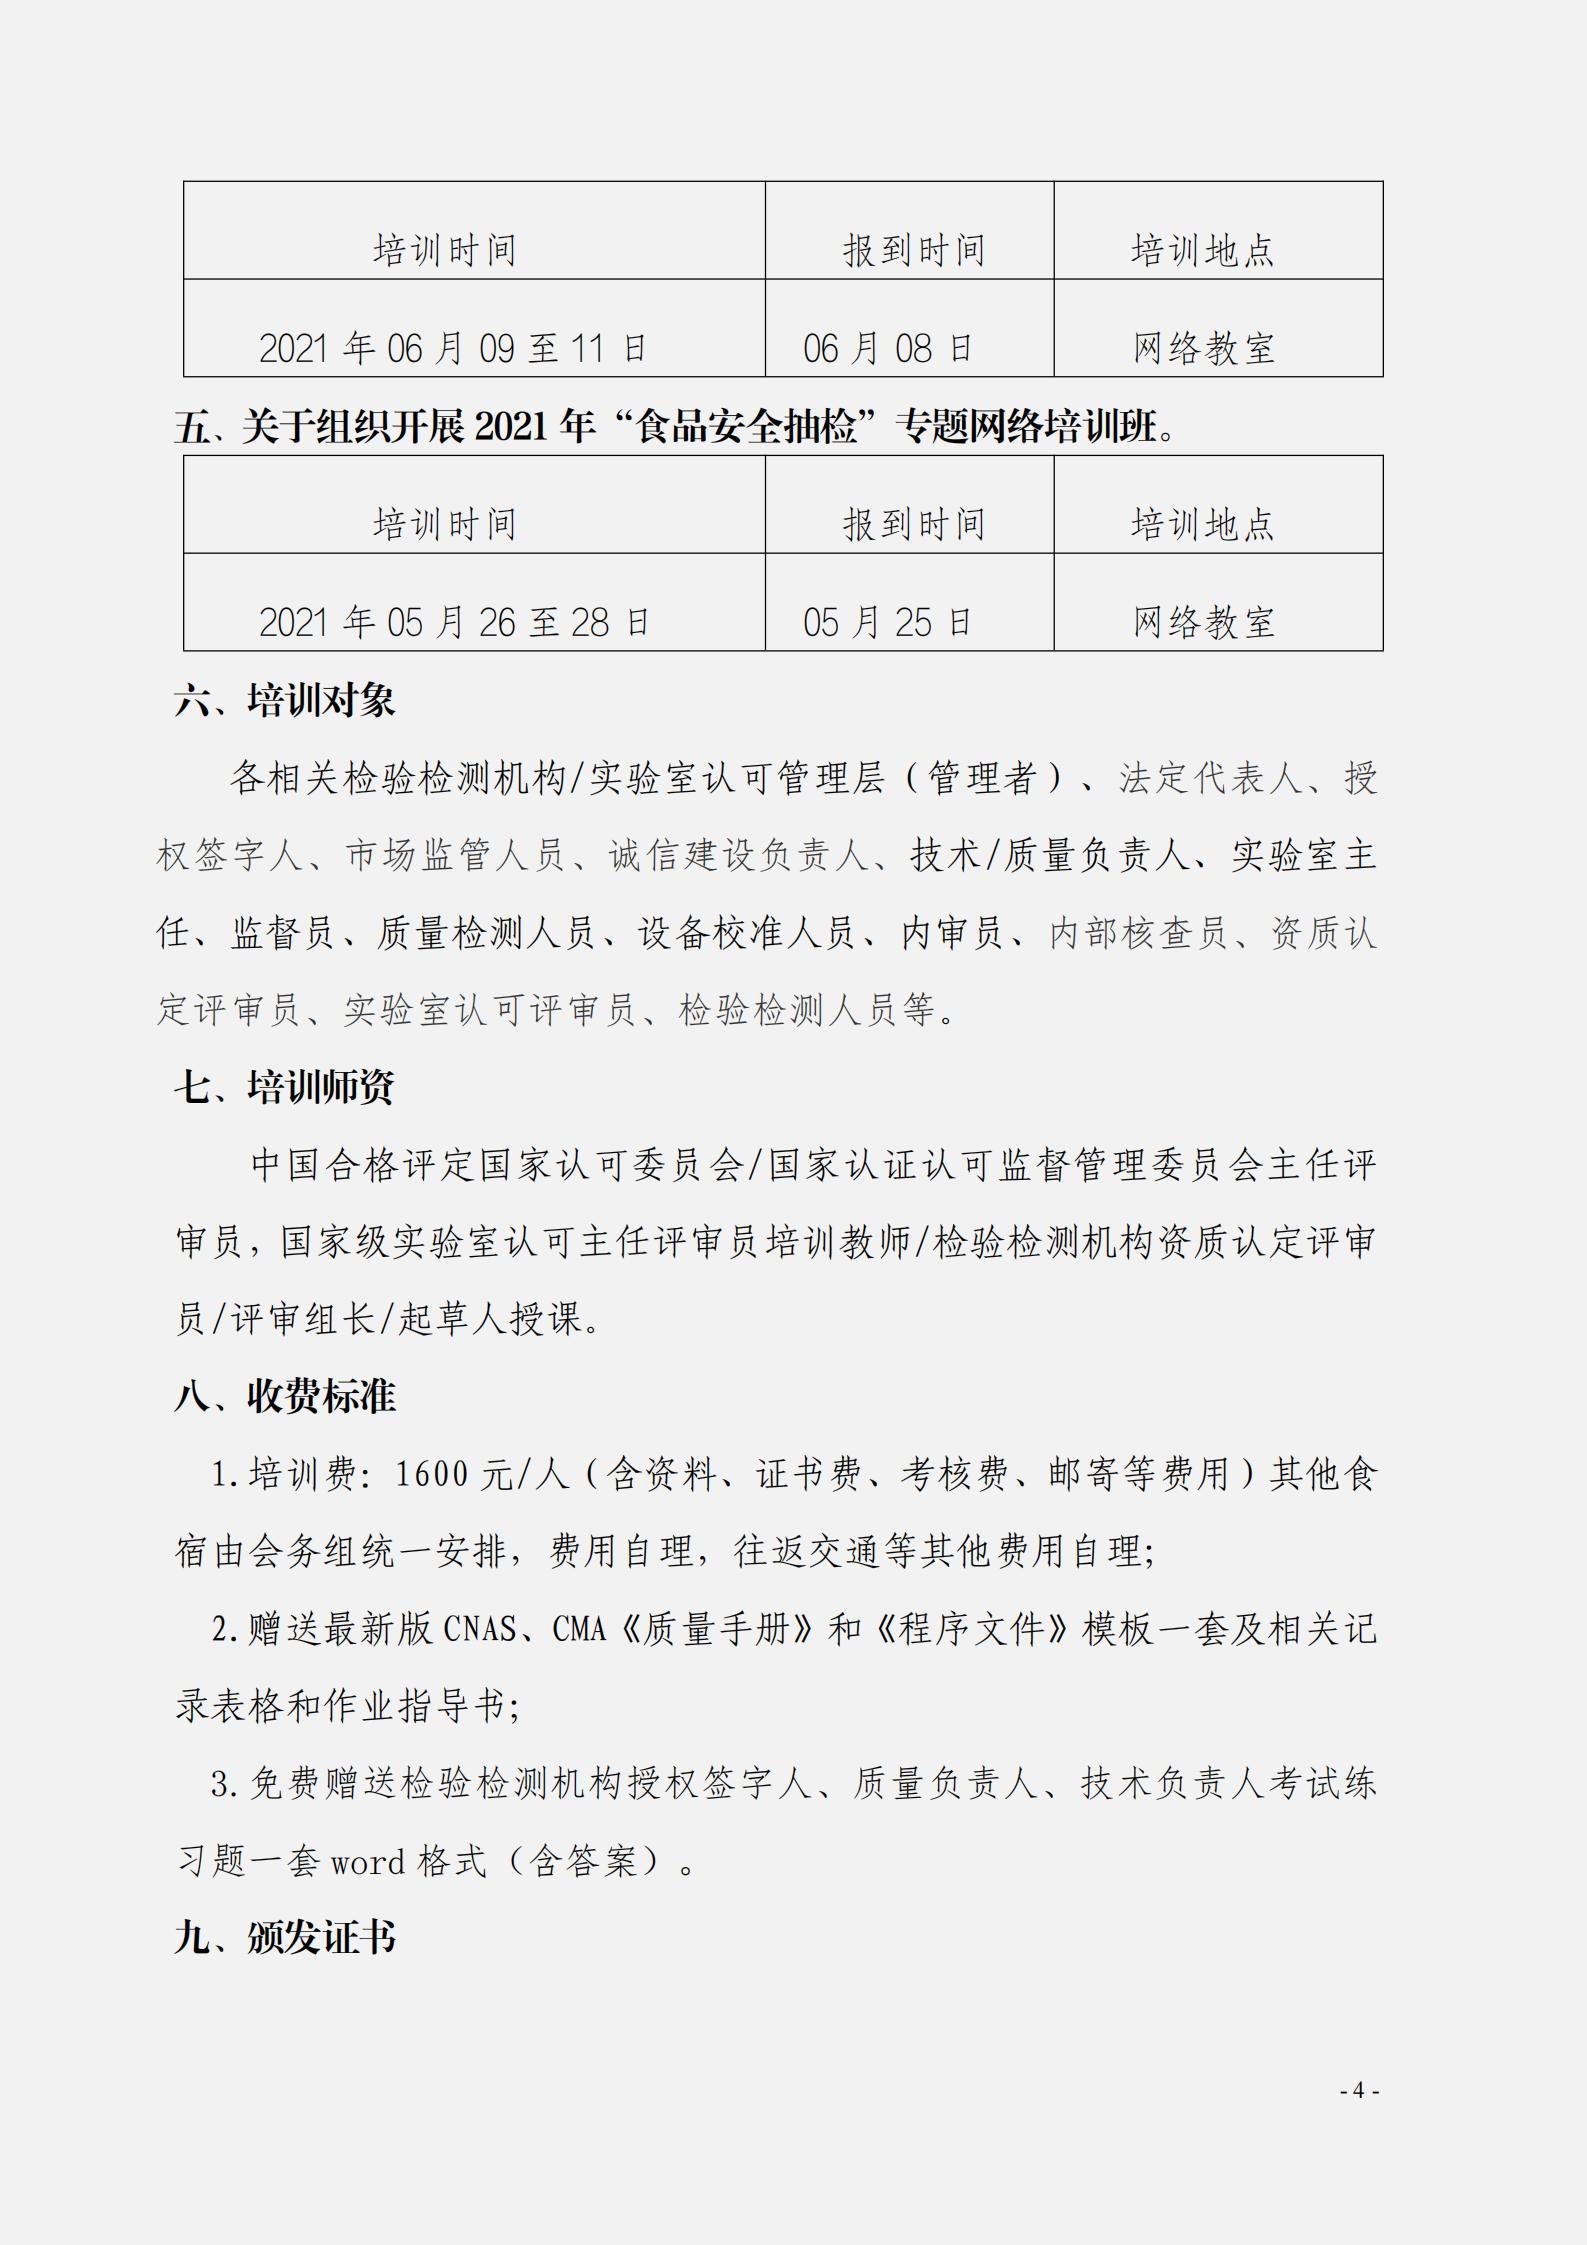 2021年5月份现场解读《检验检测机构资质认定管理办法》《检验检测机构监督管理办法》_03.jpg